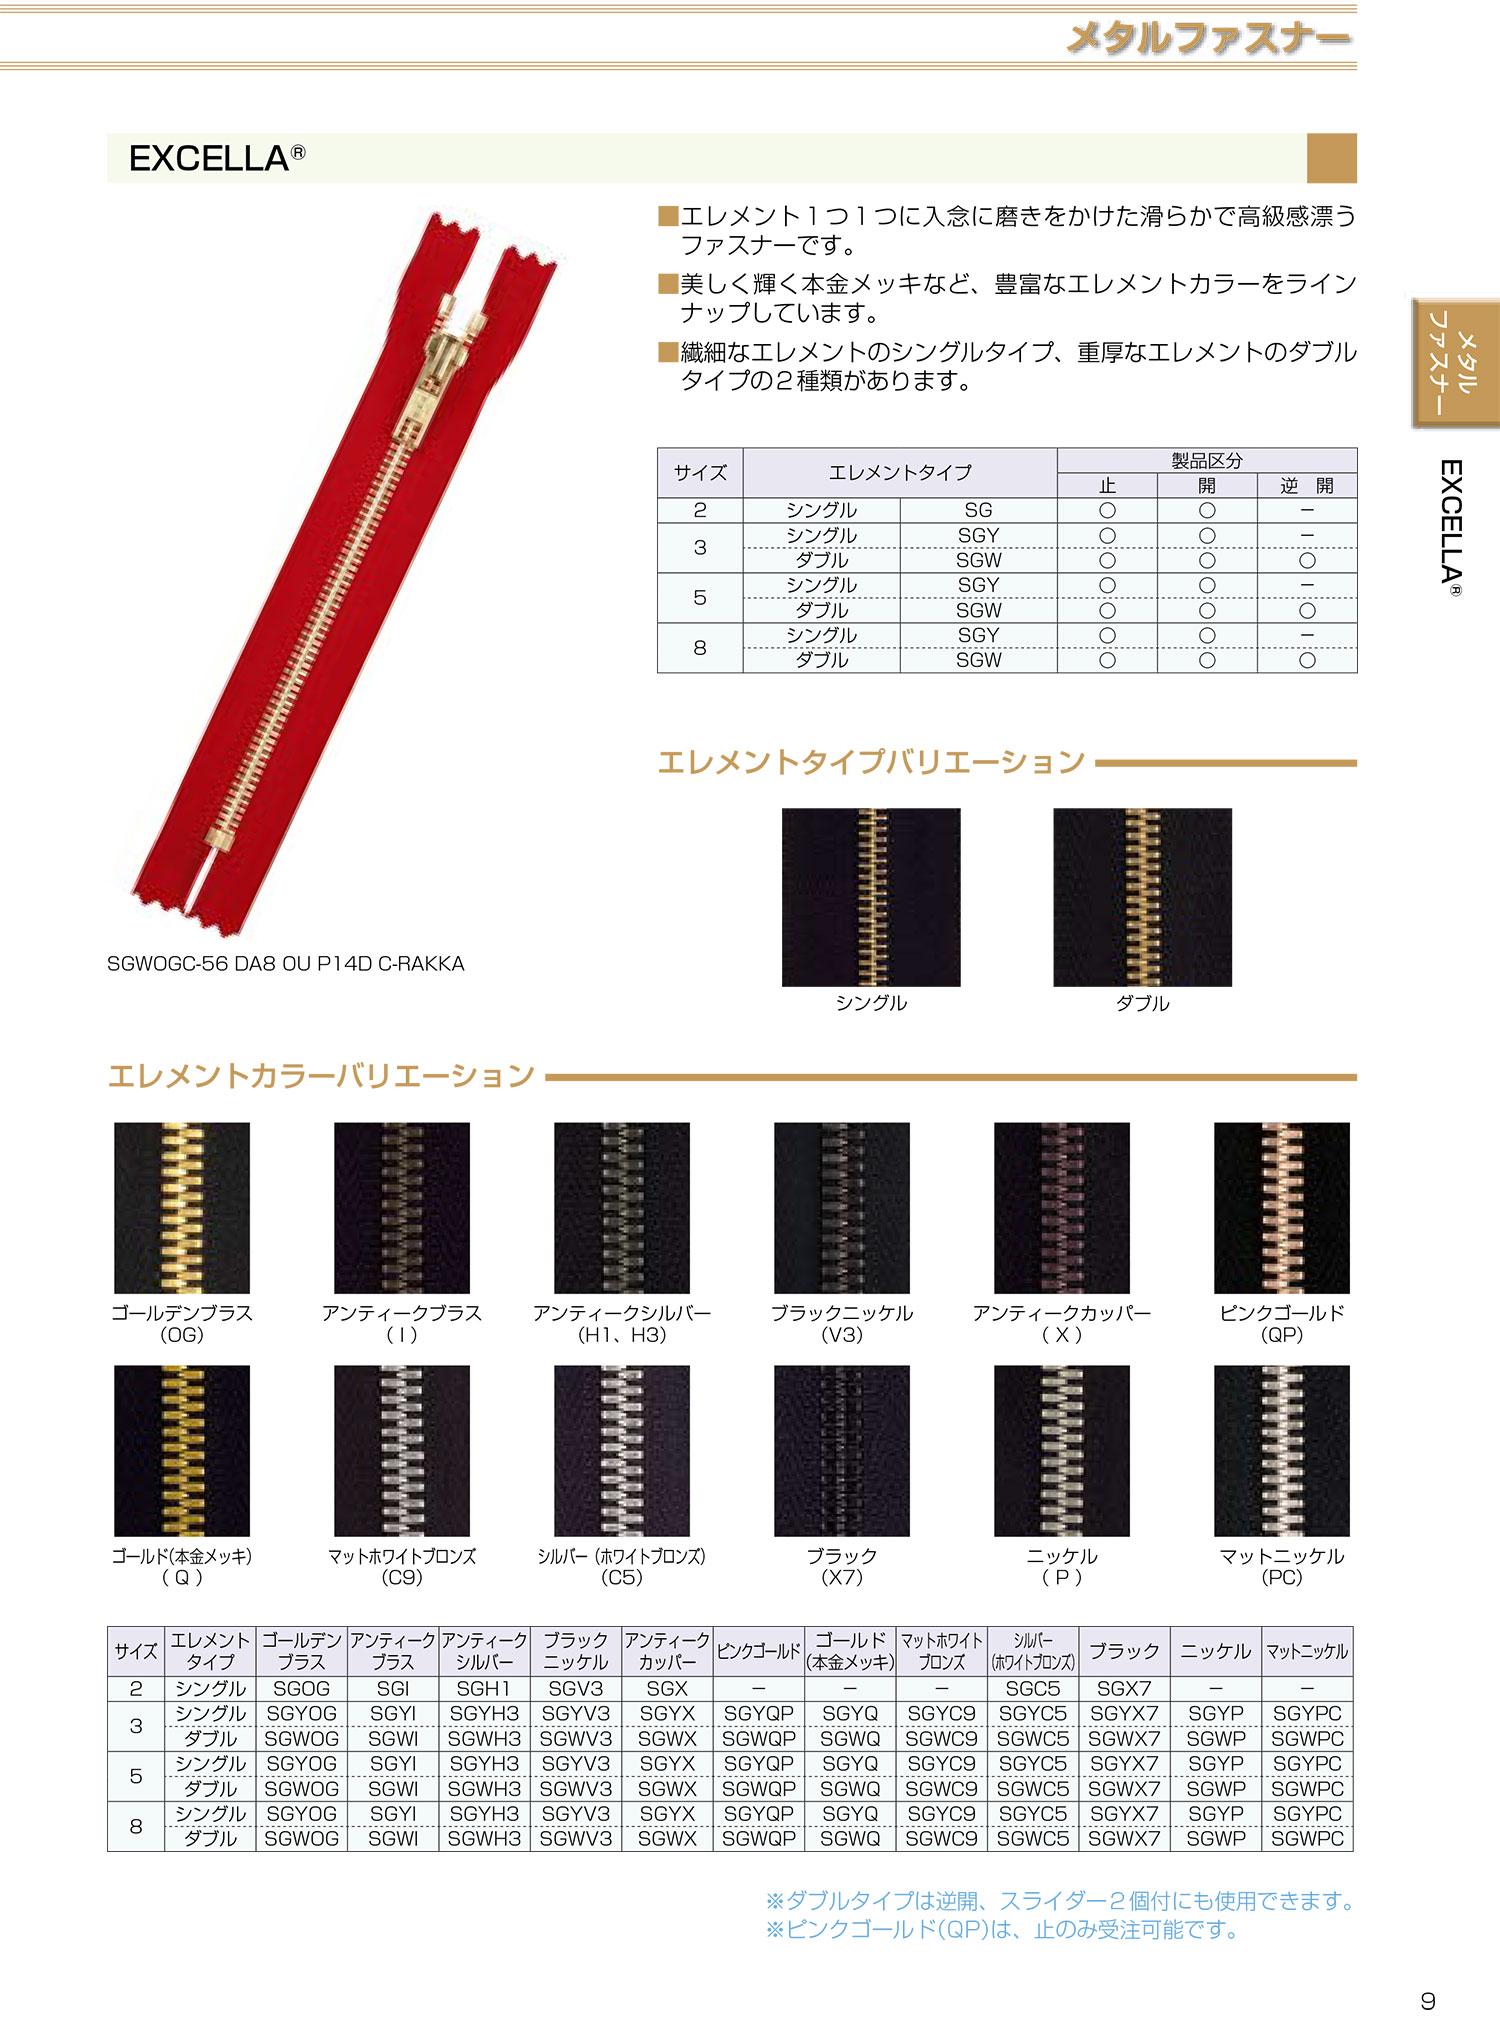 8SGWH3OR エクセラ 8サイズ アンティークシルバー オープン ダブル[ファスナー] YKK/オークラ商事 - ApparelX アパレル資材卸通販